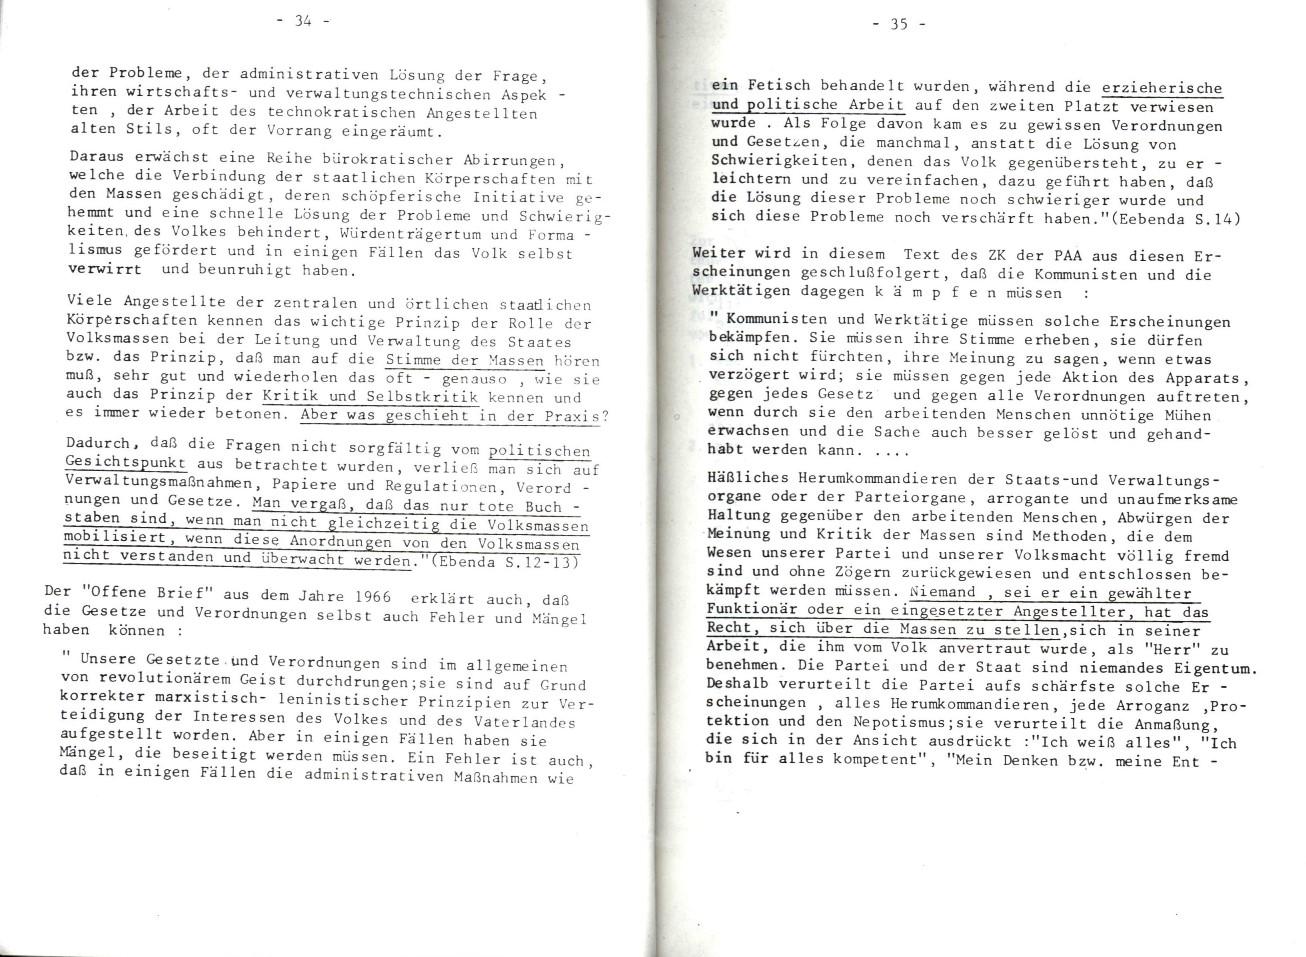 MLSK_Theorie_und_Praxis_des_ML_1979_25_18